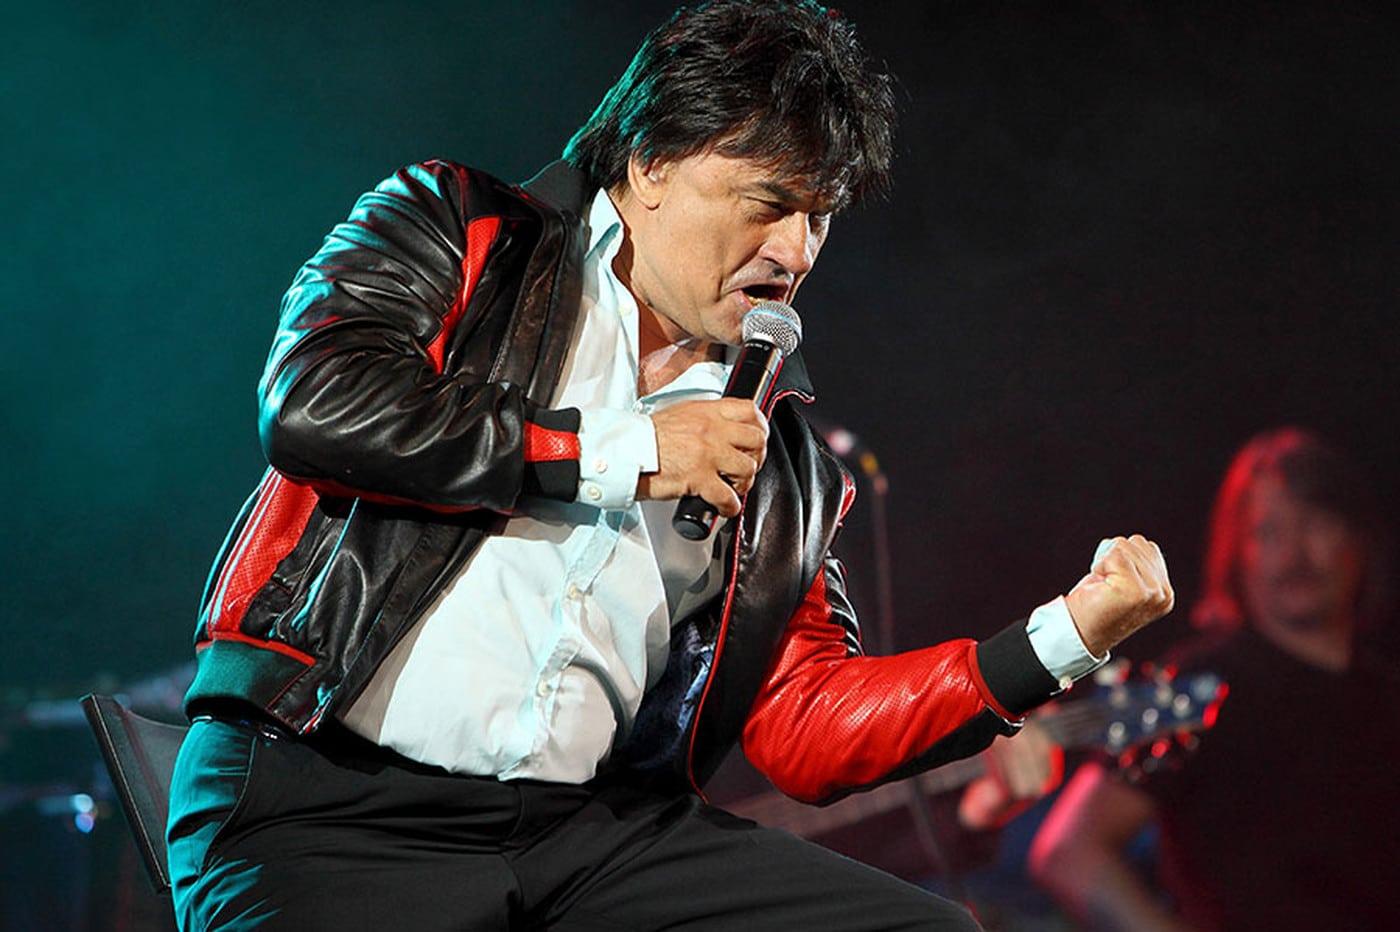 Александр Серов во время выступления на концерте